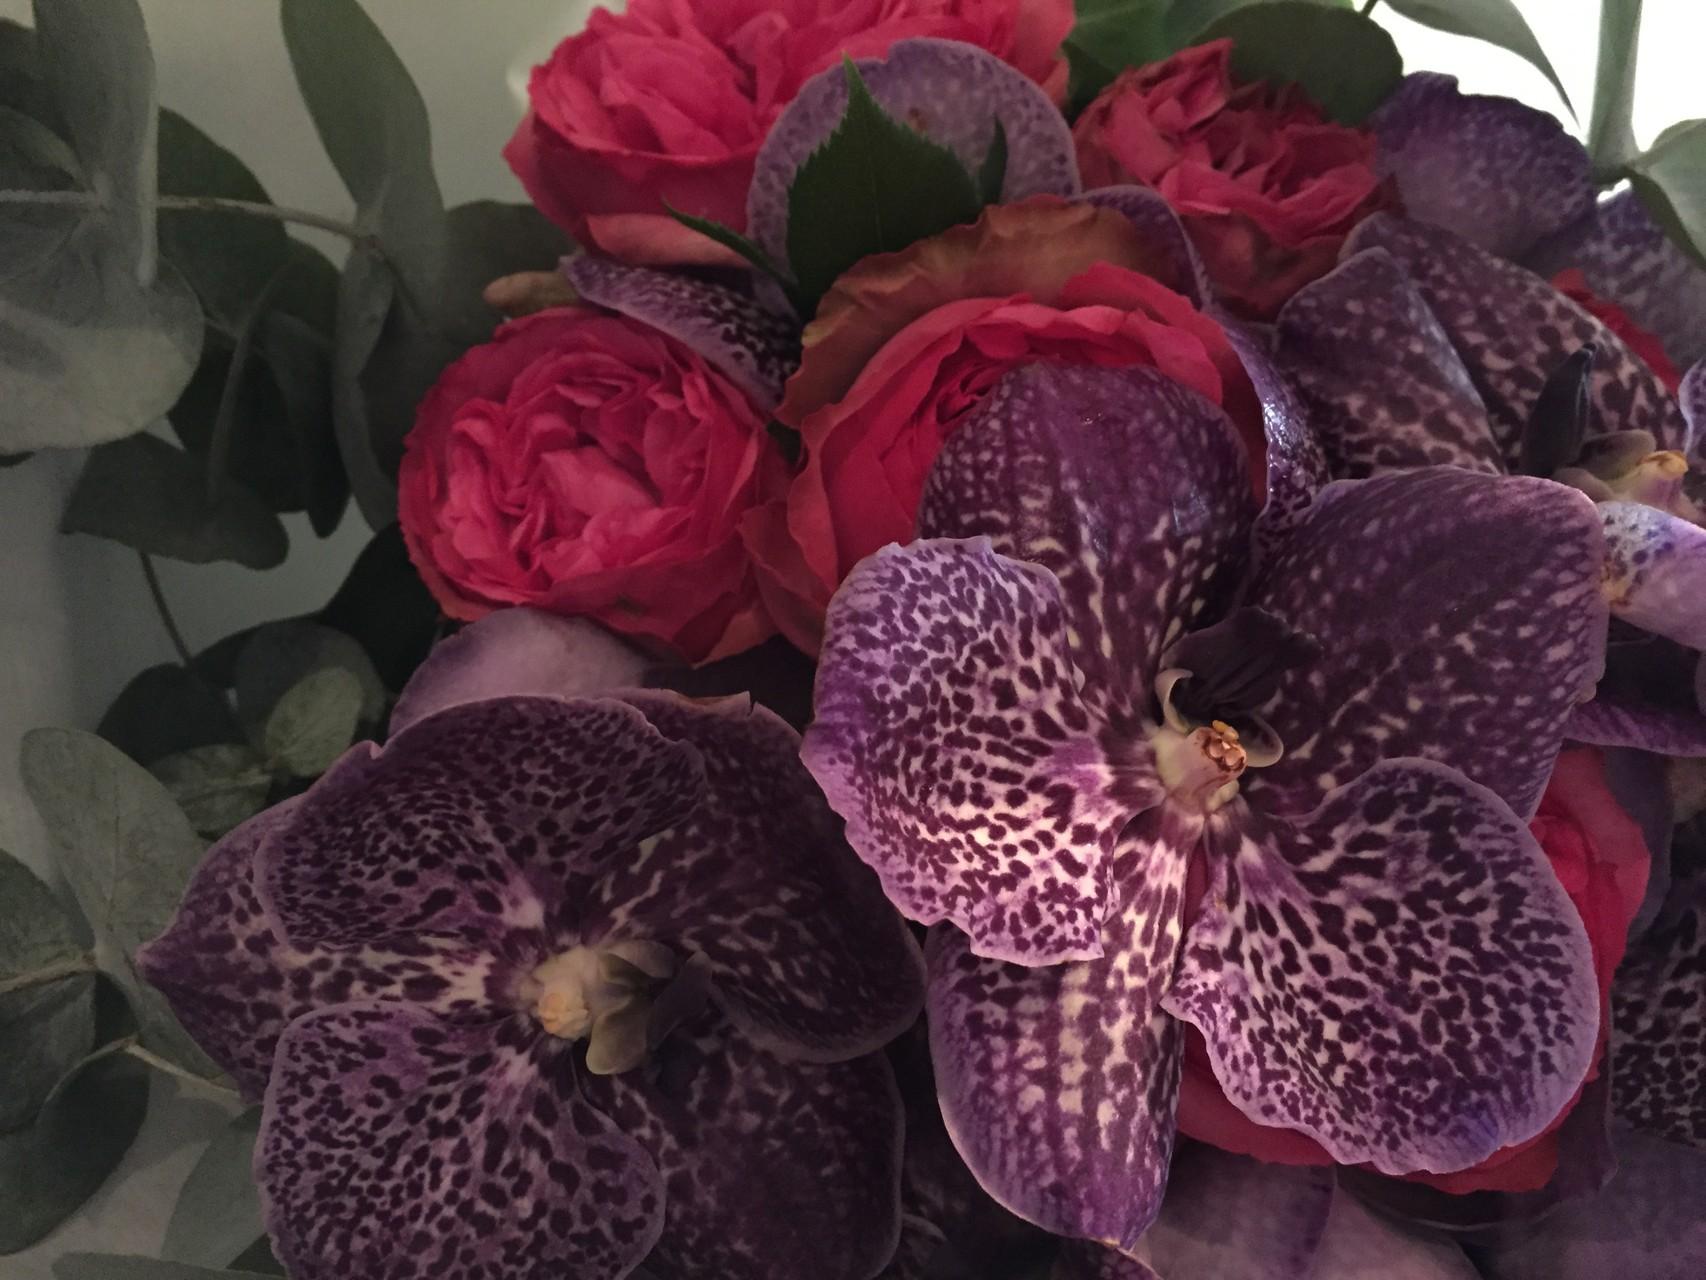 purpur - Atelier für Floristik und Design - Blumenladen in München